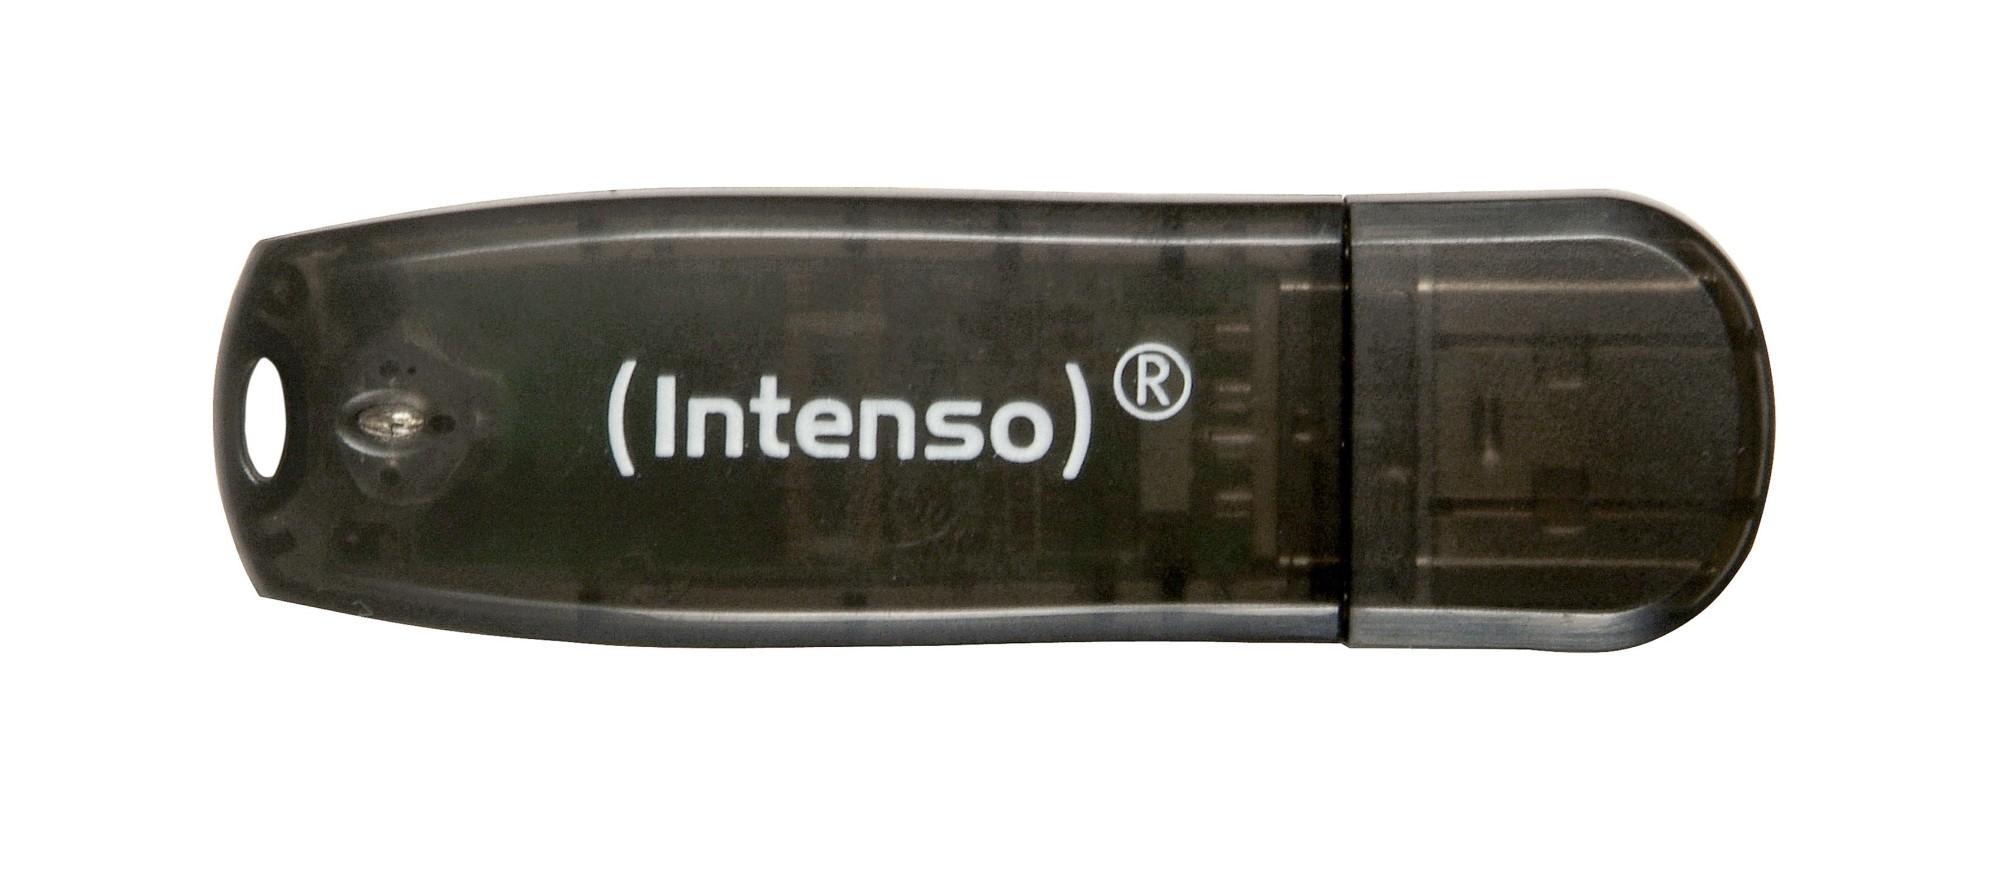 Intenso USB Drive 16 GB Rainbow Line, Black 16GB USB 2.0 Type-A Black USB flash drive